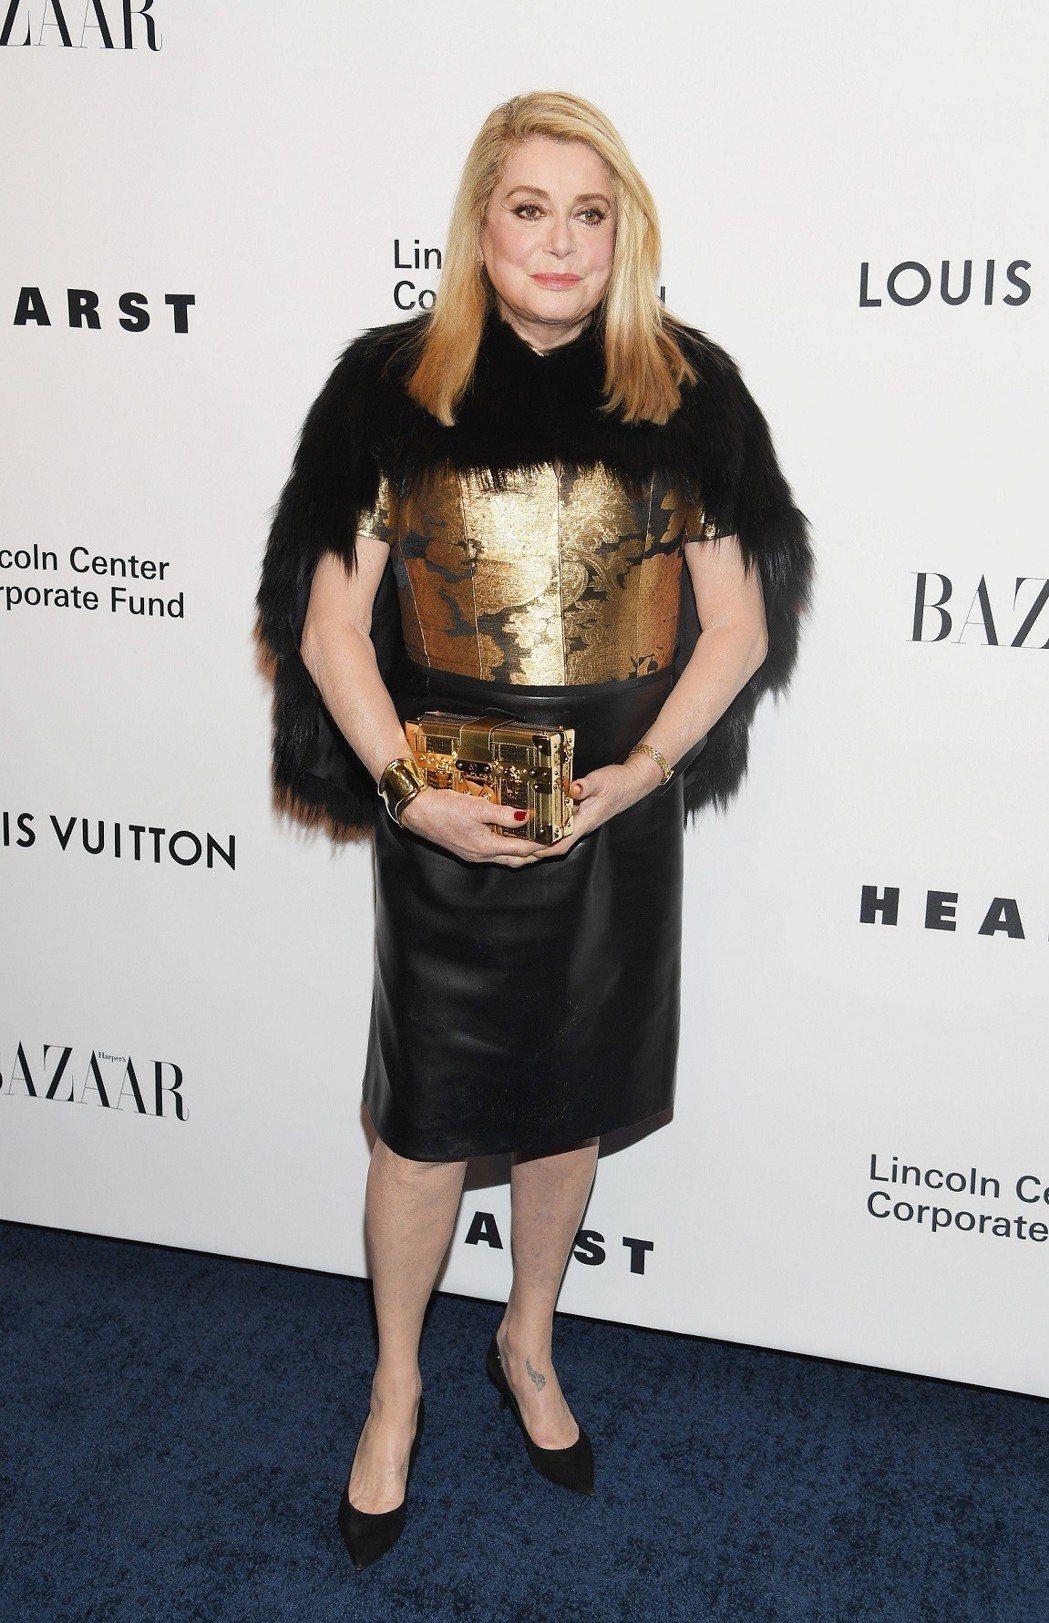 凱瑟琳丹妮芙在紐約的品牌活動上曾以Petite Malle包款搭配。圖/LV提供